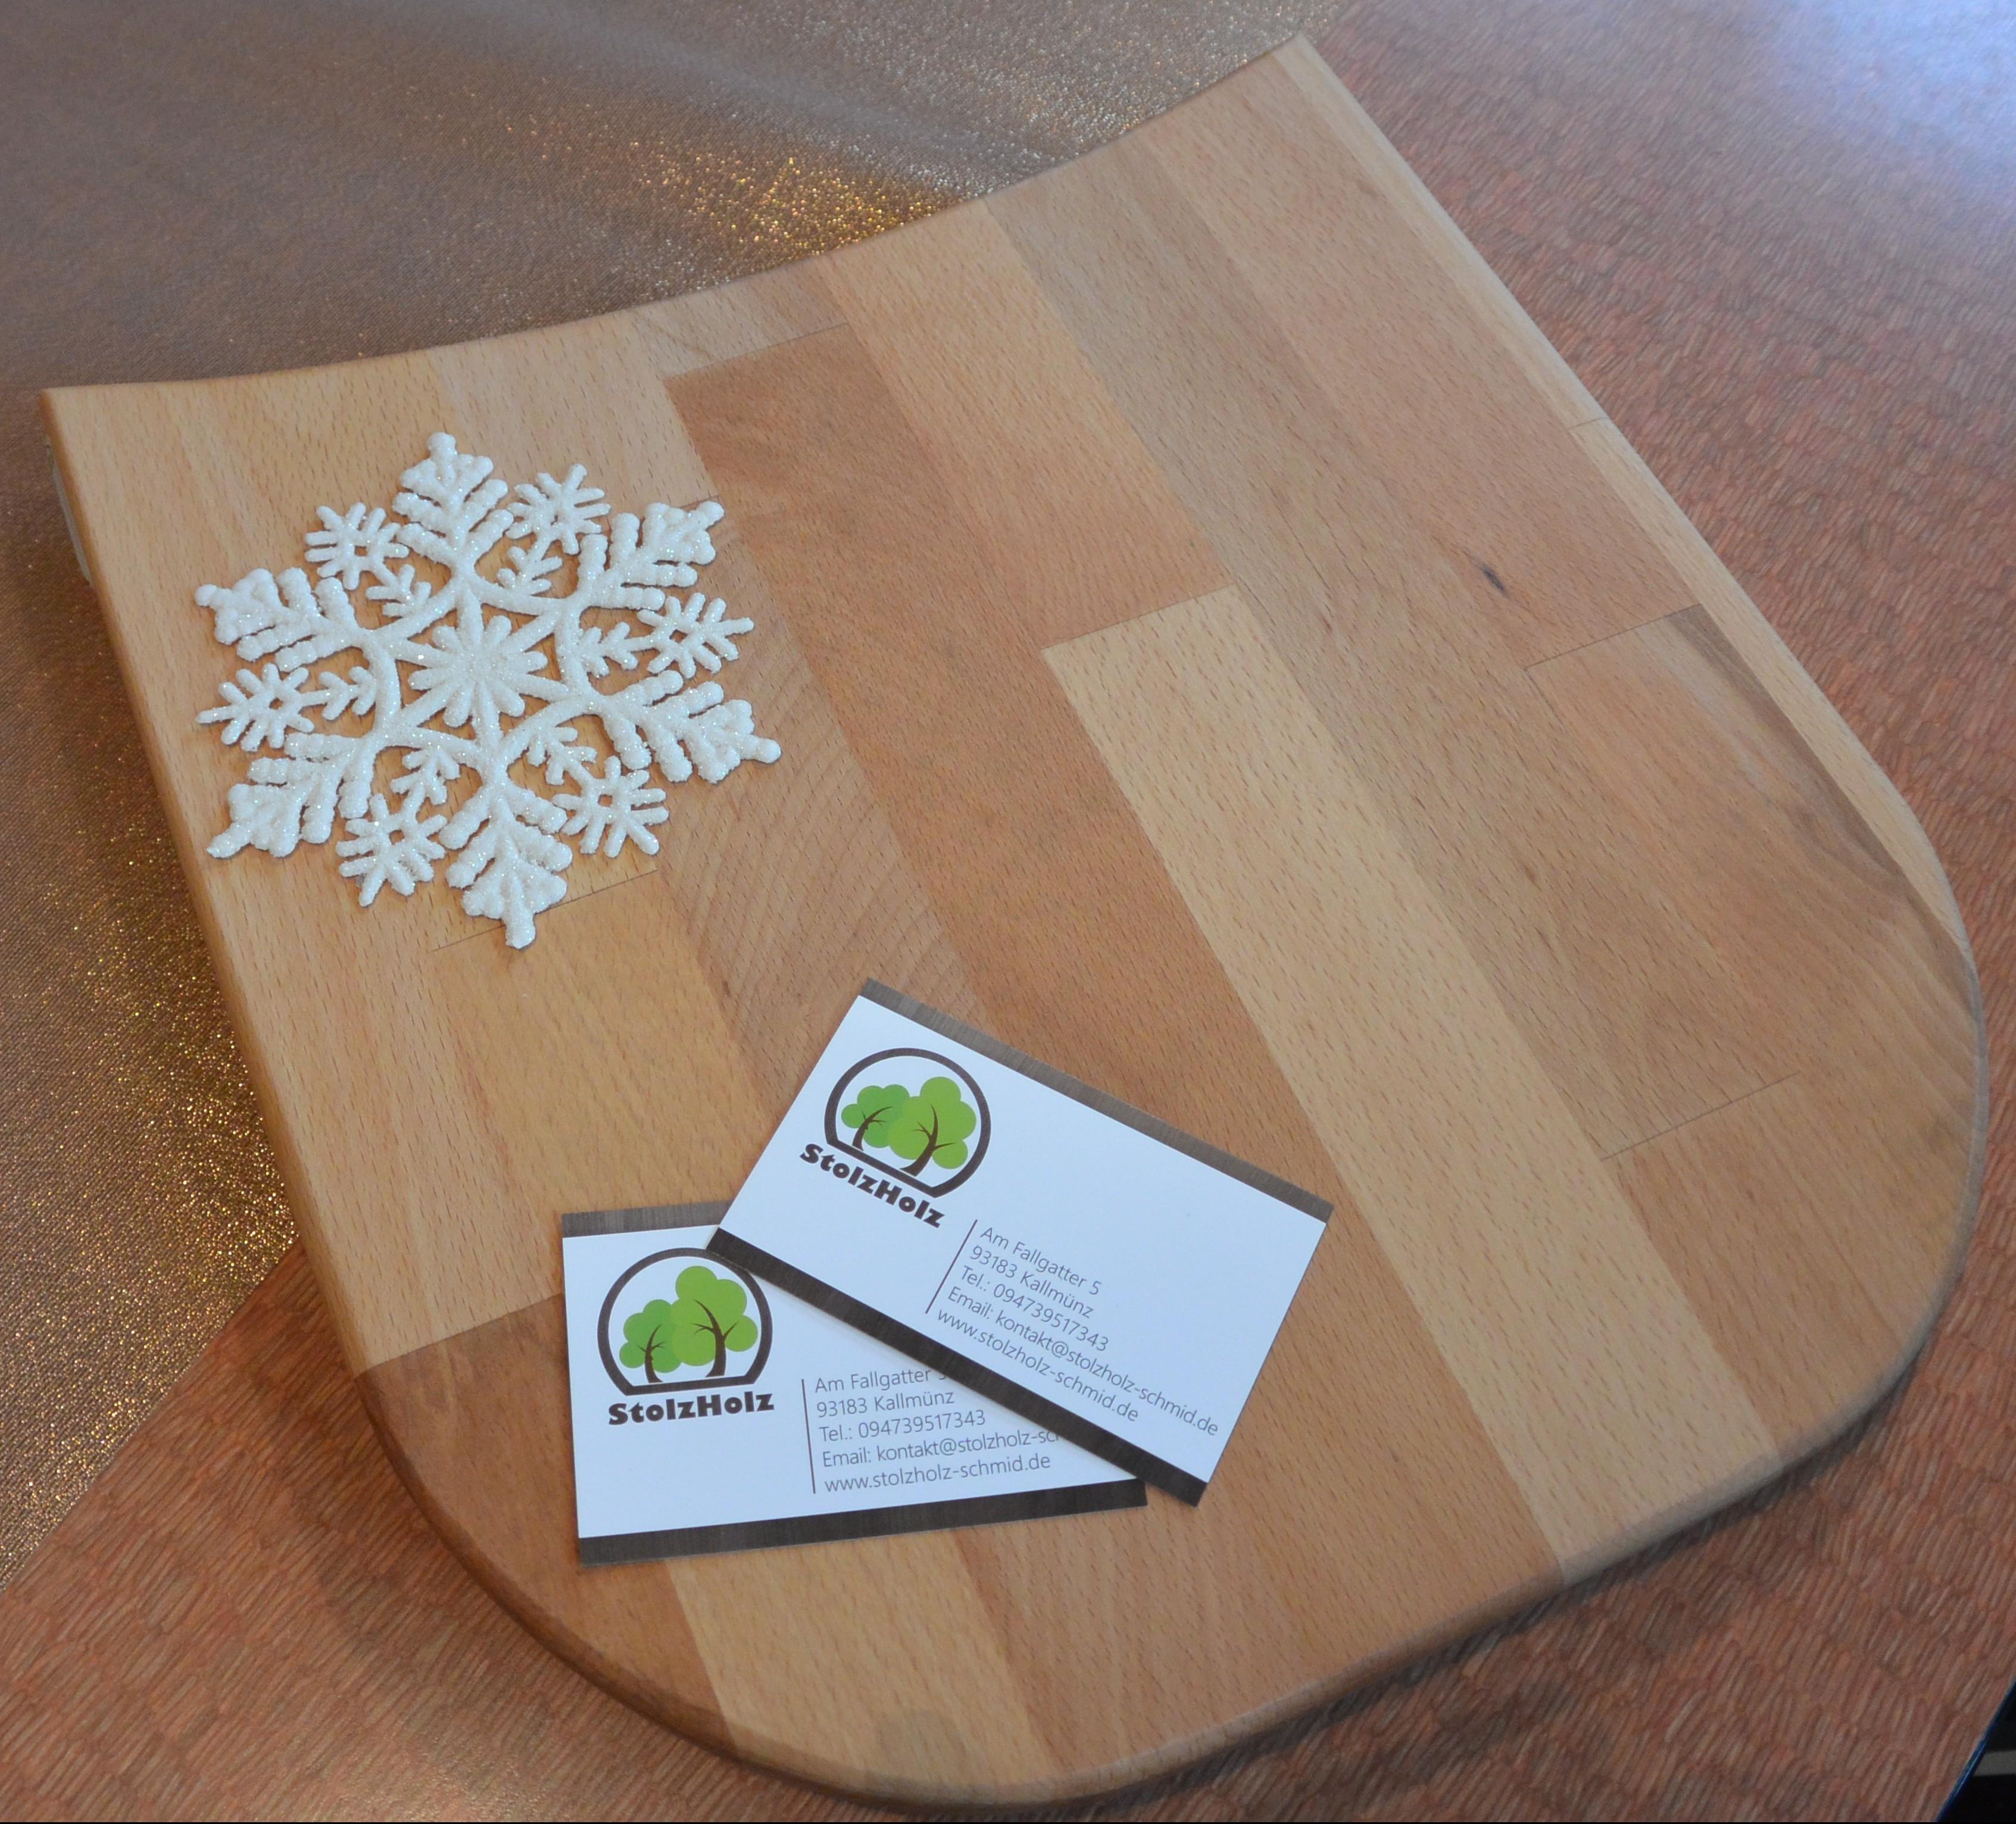 geschenk tipp gleitbretter f r den thermomix und die kitchenaid von stolzholz frinis. Black Bedroom Furniture Sets. Home Design Ideas